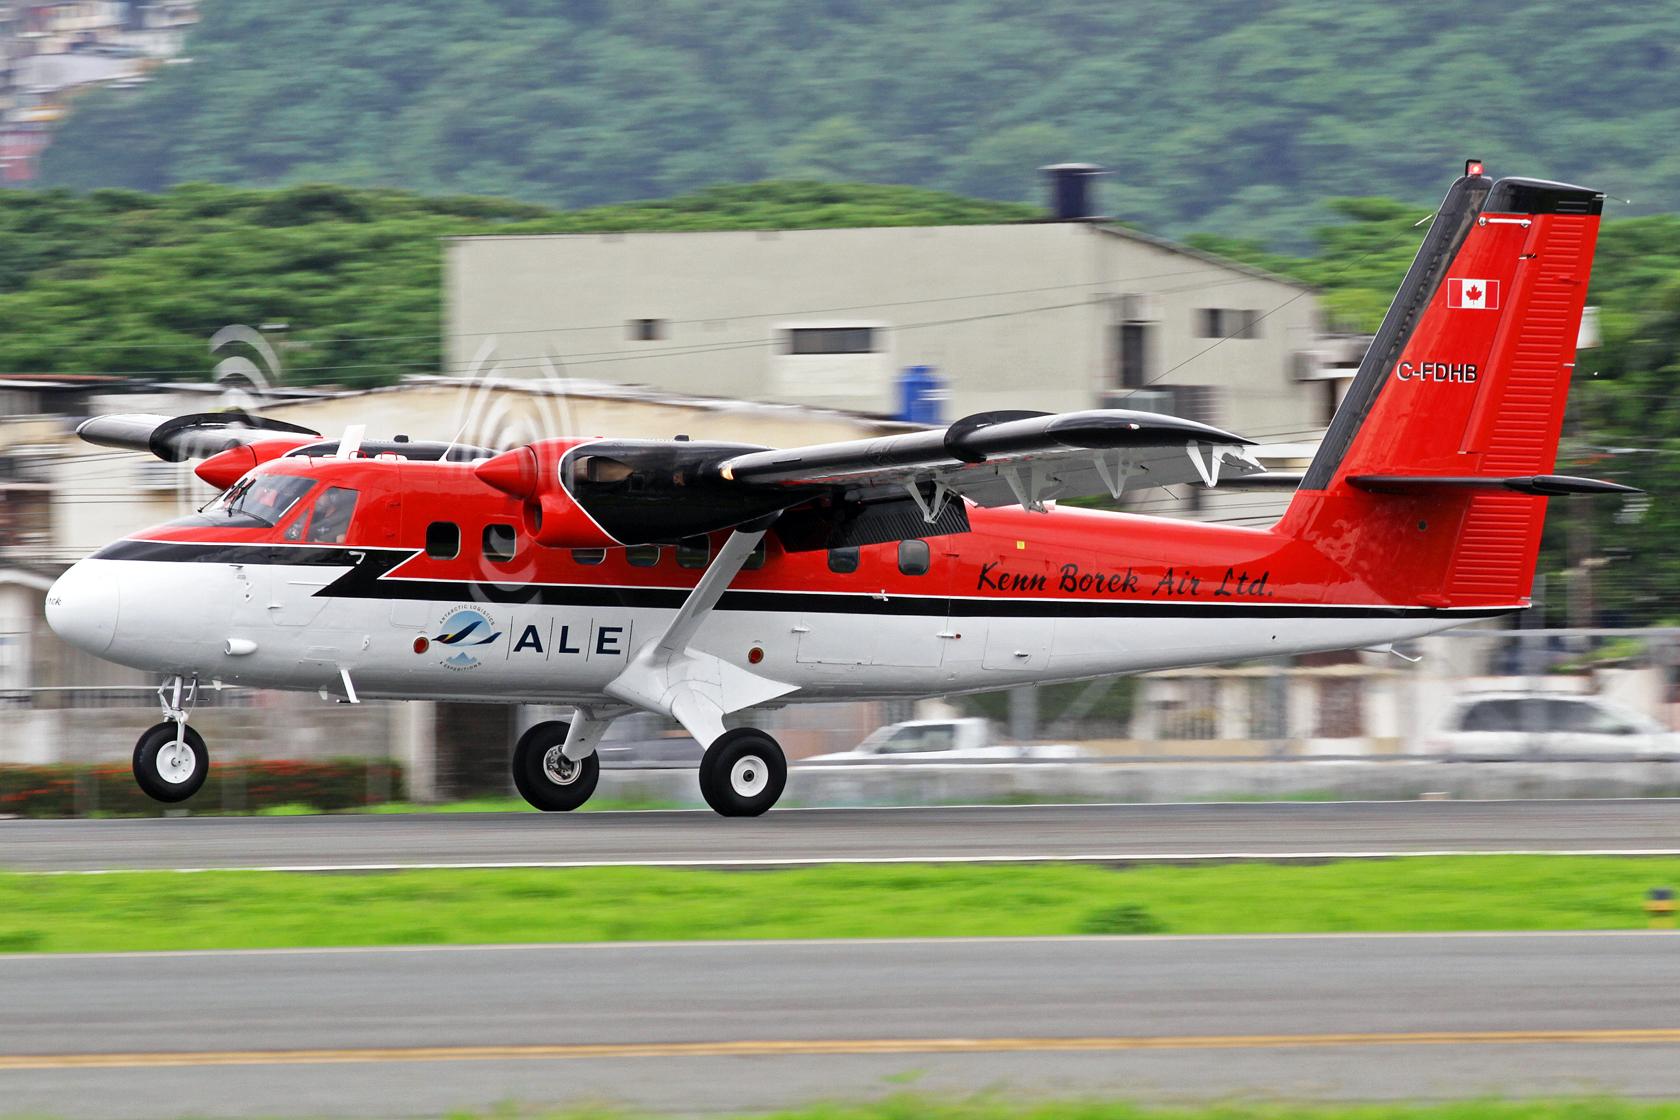 Kenn Borek Air Ltd. DeHavilland DHC-6-300 C-FDHB - Ein völlig unvorhergesehener Gast, der sich auf dem langen Flug aus der Antarktis nach Calgary befand und hier einen Zwischenstop einlegte.